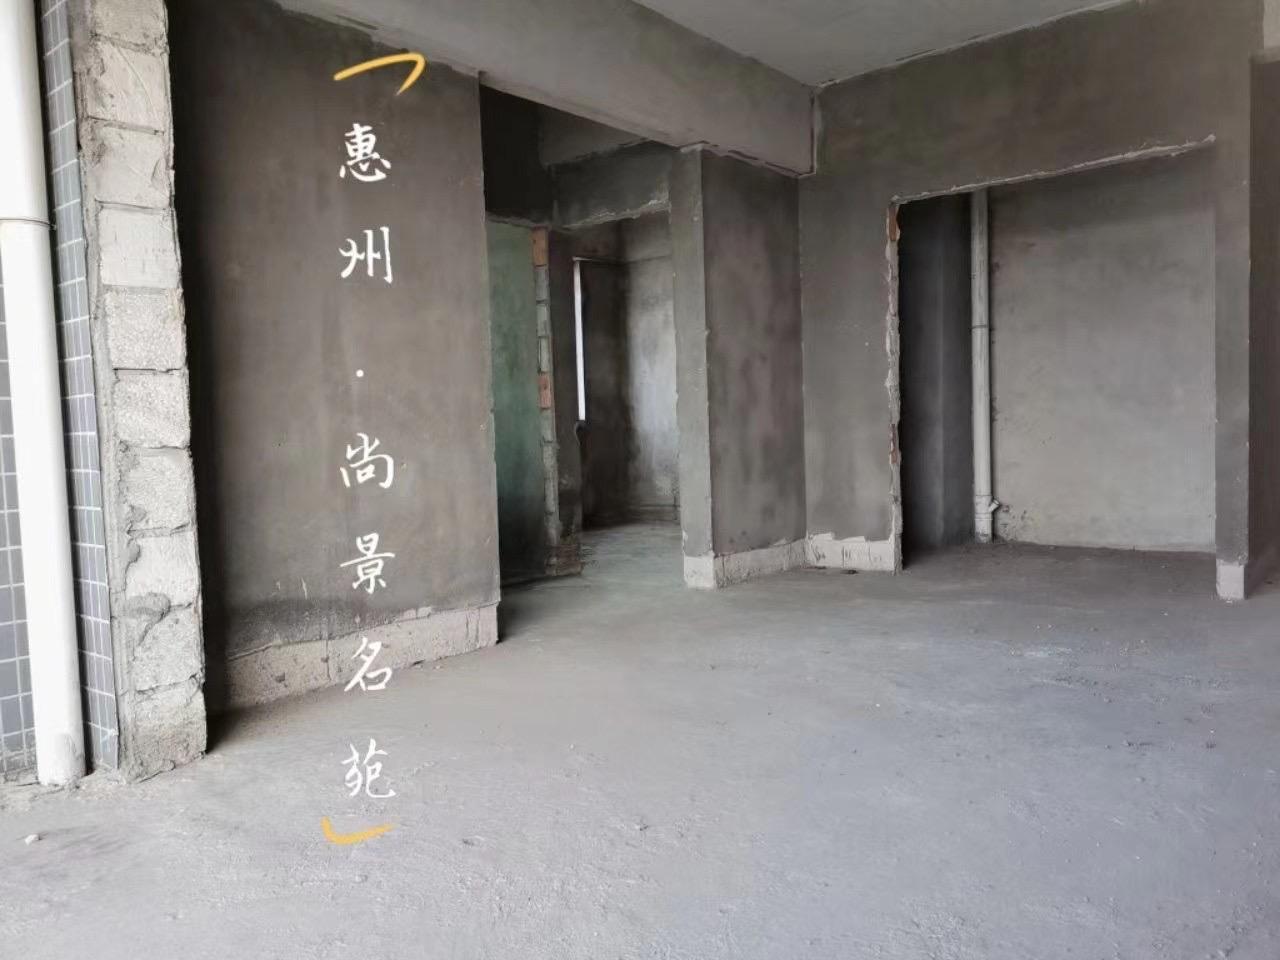 惠阳高新区|必看项目|怎么样|惠阳尚景名苑